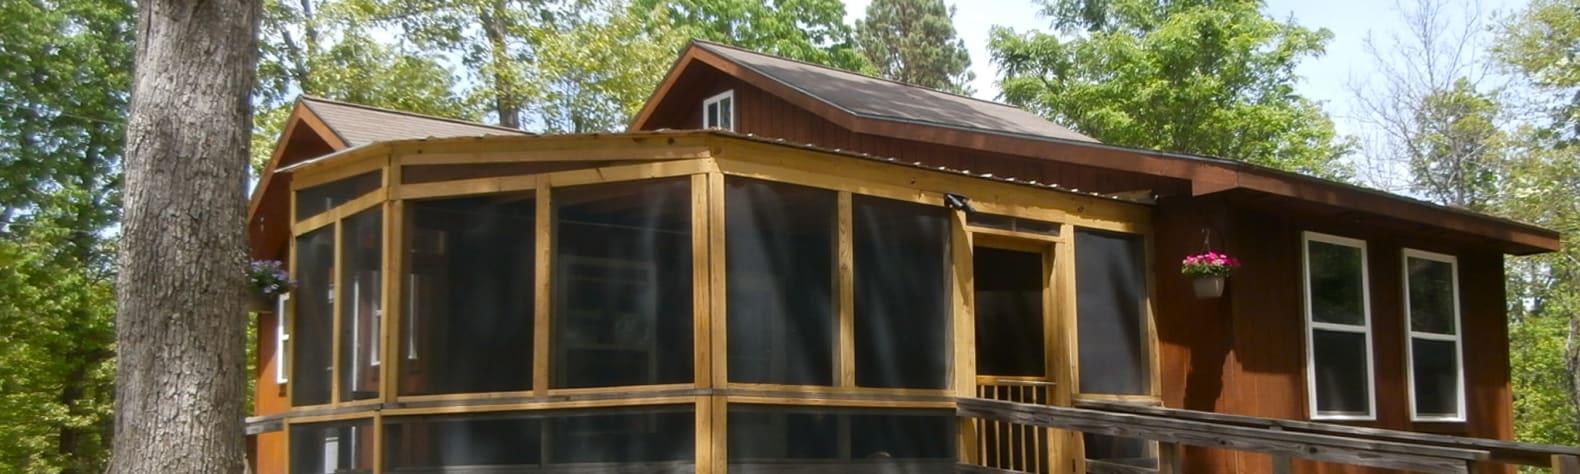 Redbud Cottage